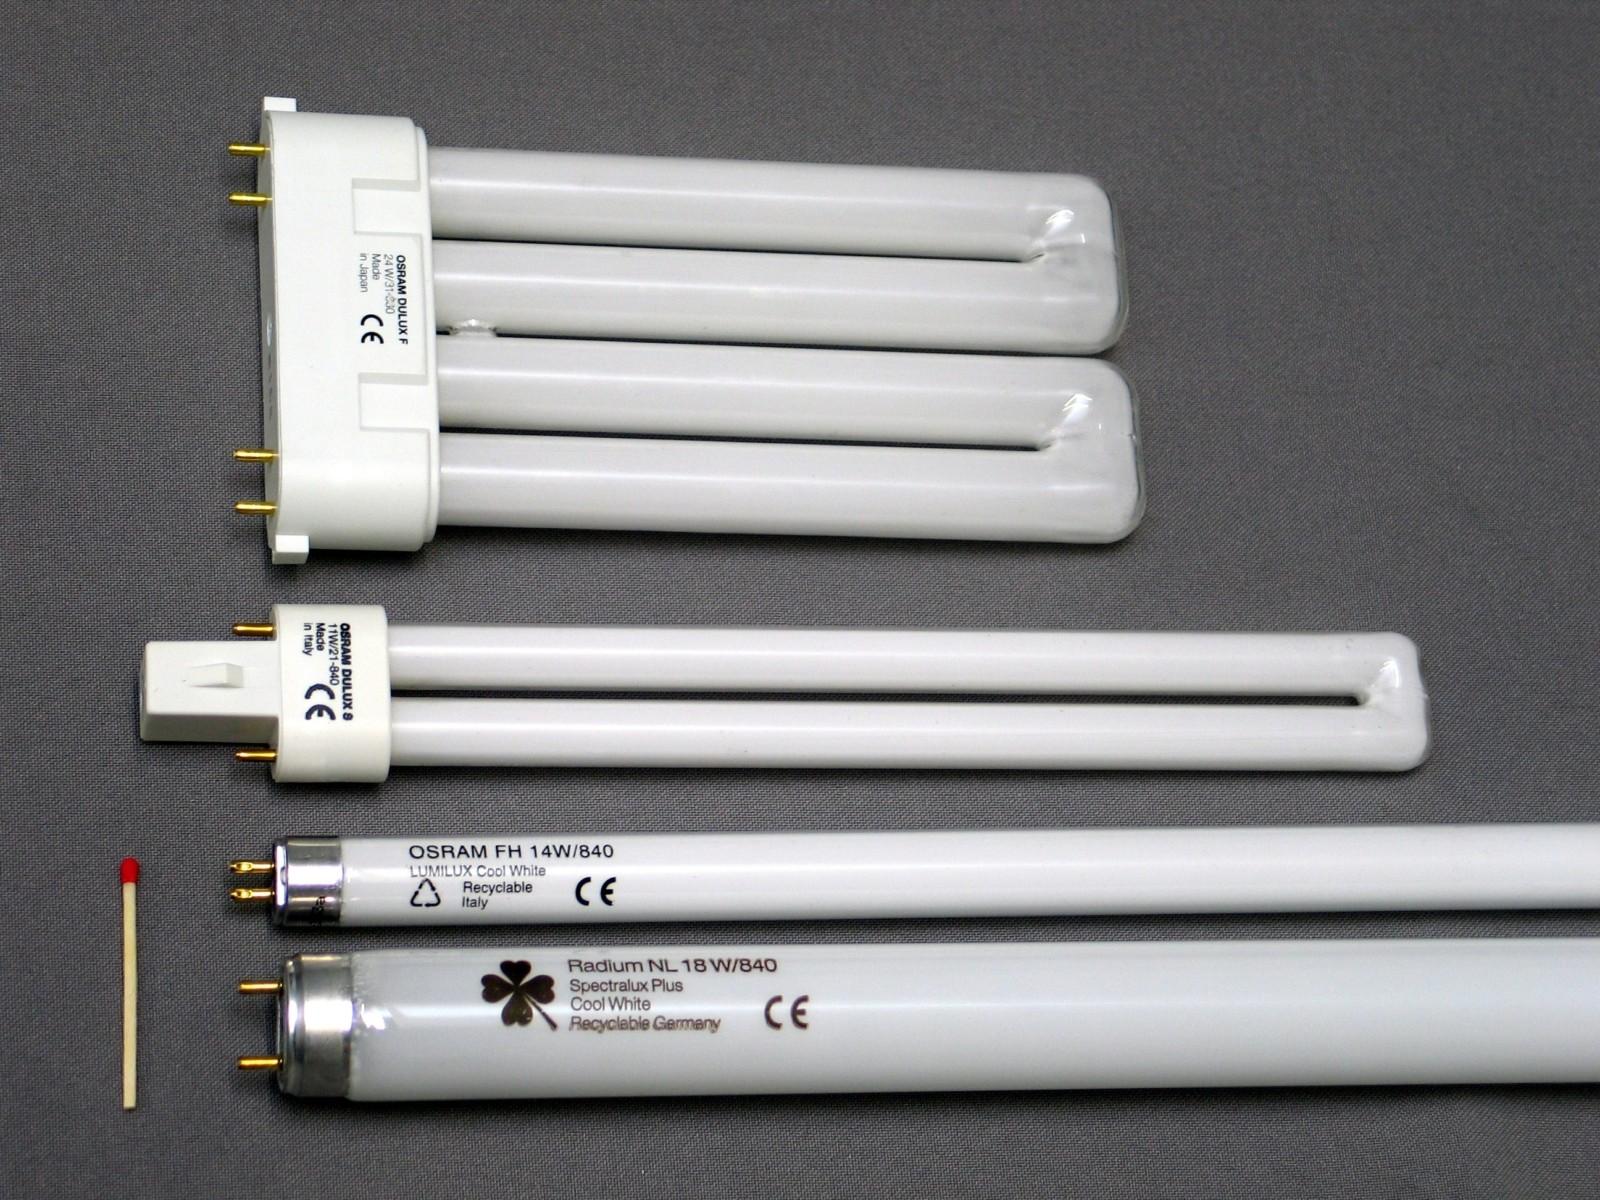 Различные виды люминесцентных ламп